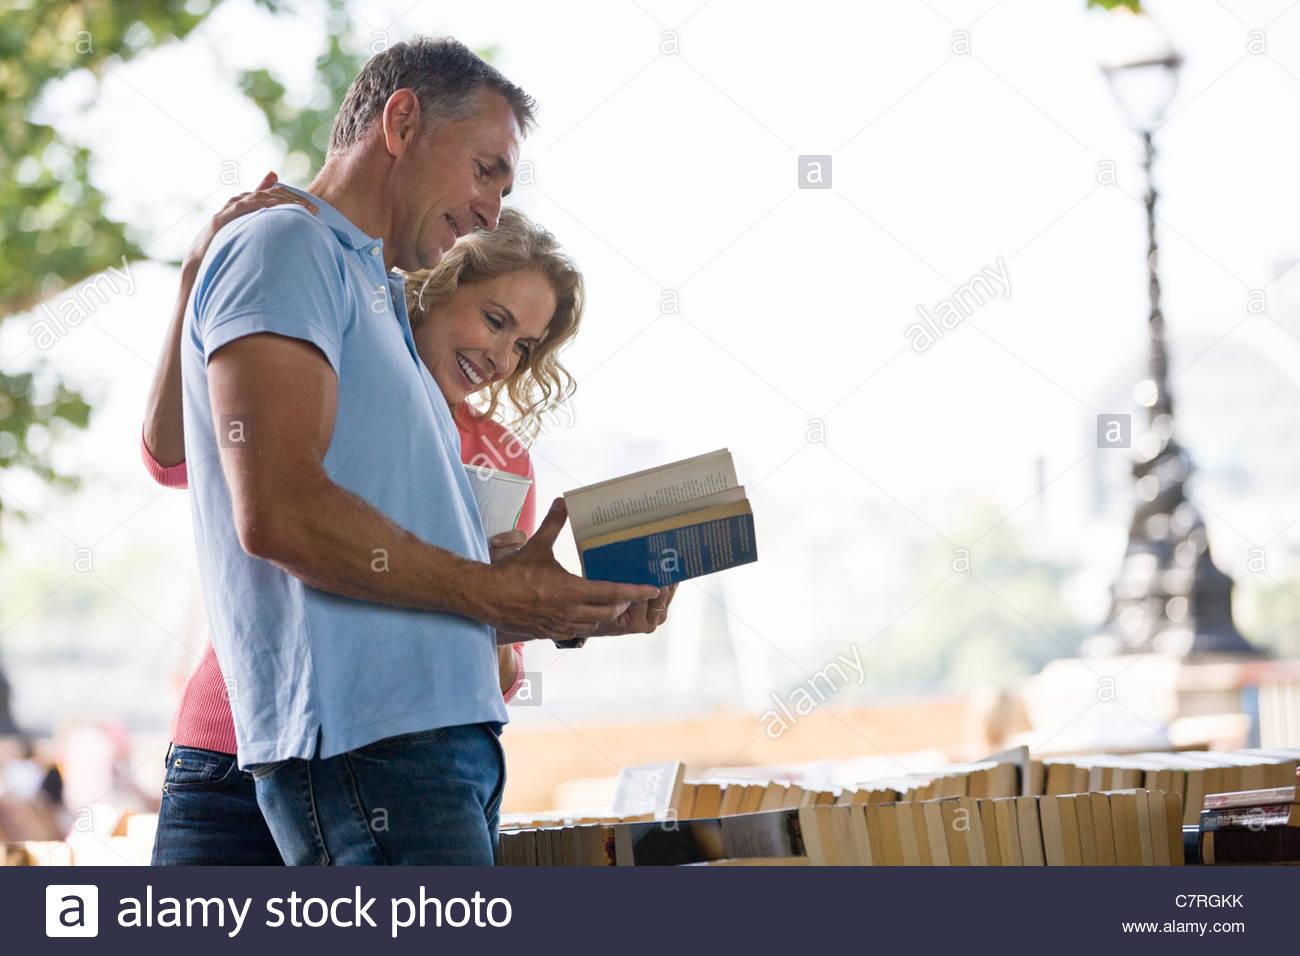 Un couple à la recherche de livres à un décrochage du livre Photo Stock